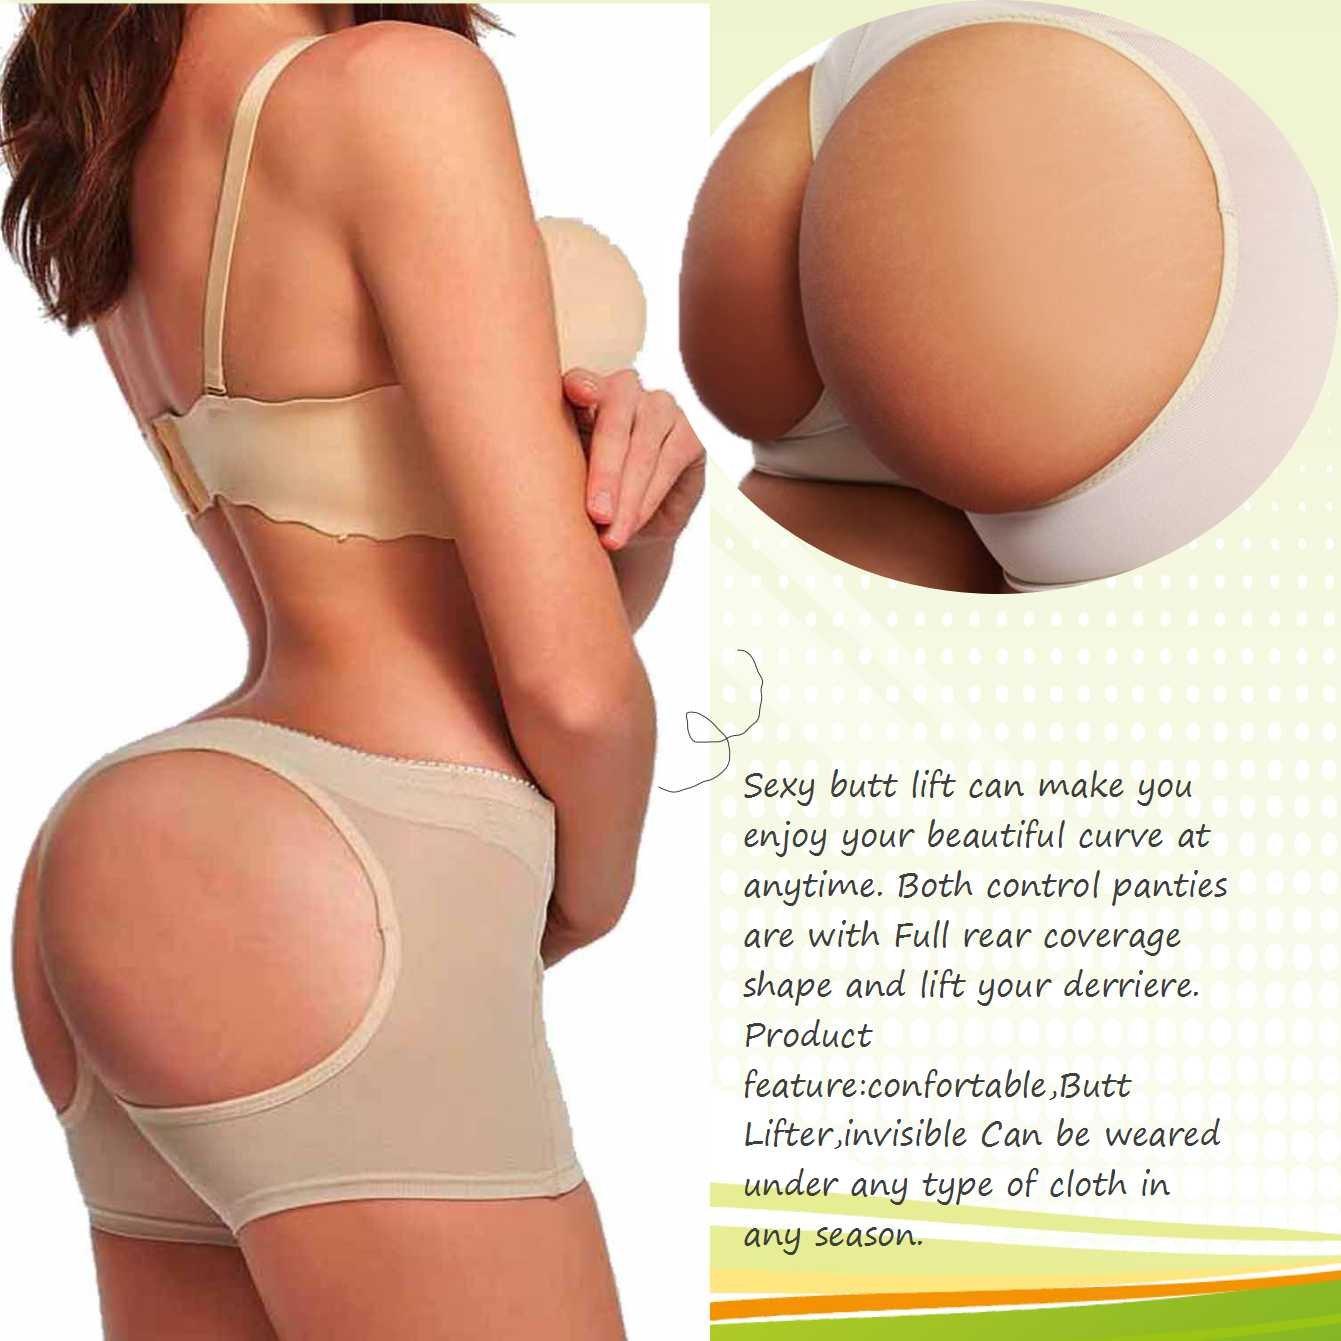 63a2260d9 LANFEI Women s Butt Lifter Panties Shapewear Boy Shorts Enhancer Shaper  Panty at Amazon Women s Clothing store